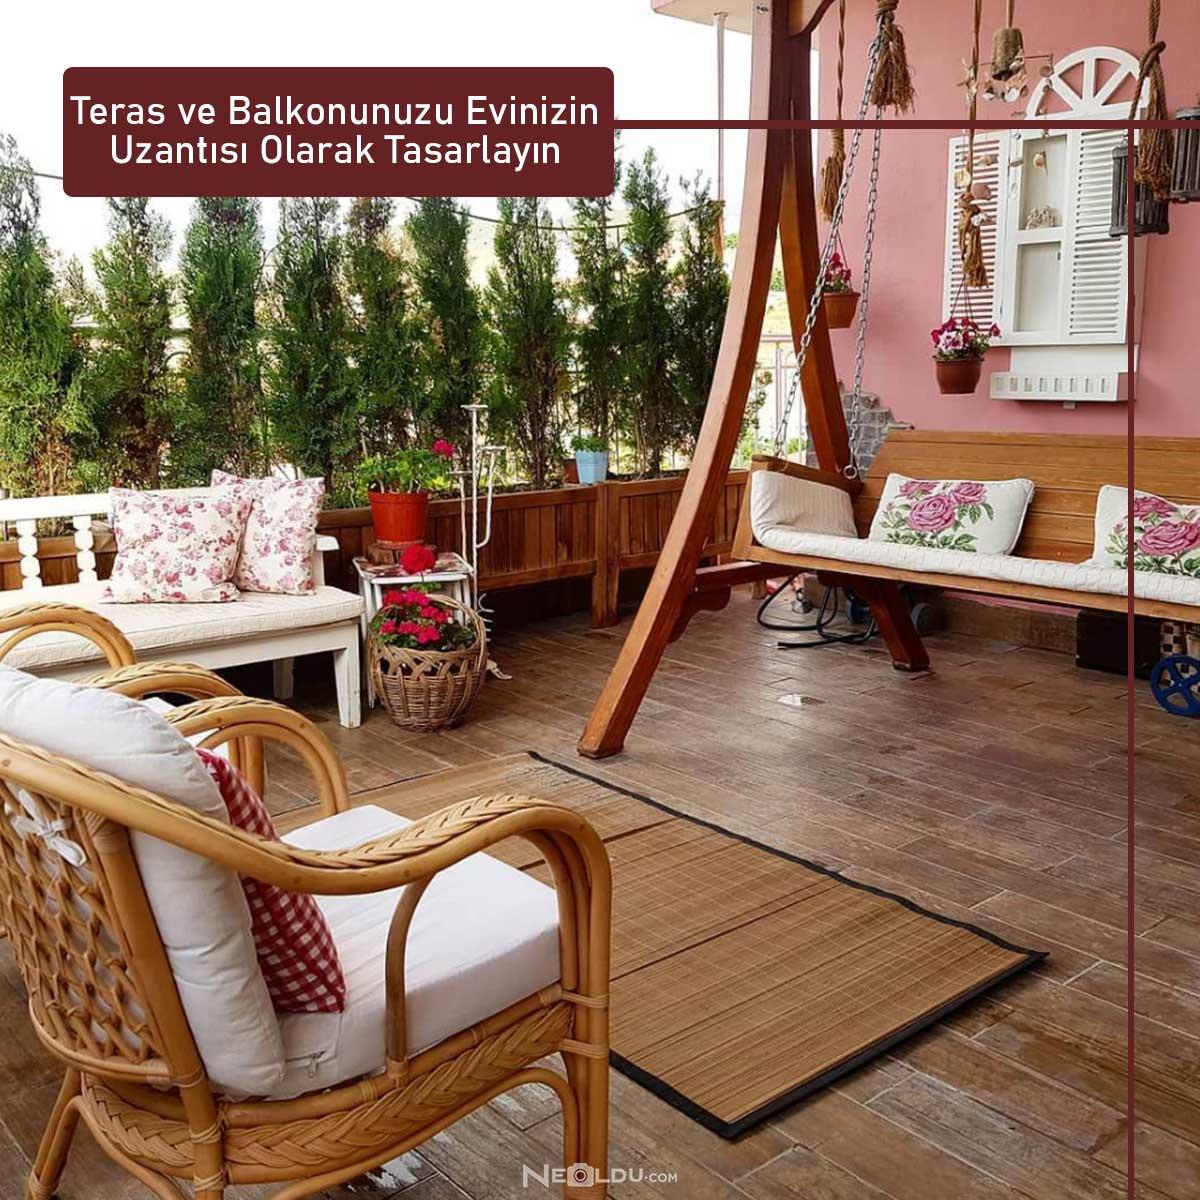 teras-ve-balkonunuzu-evinizin-uzantisi-olarak-tasarlayin.jpg